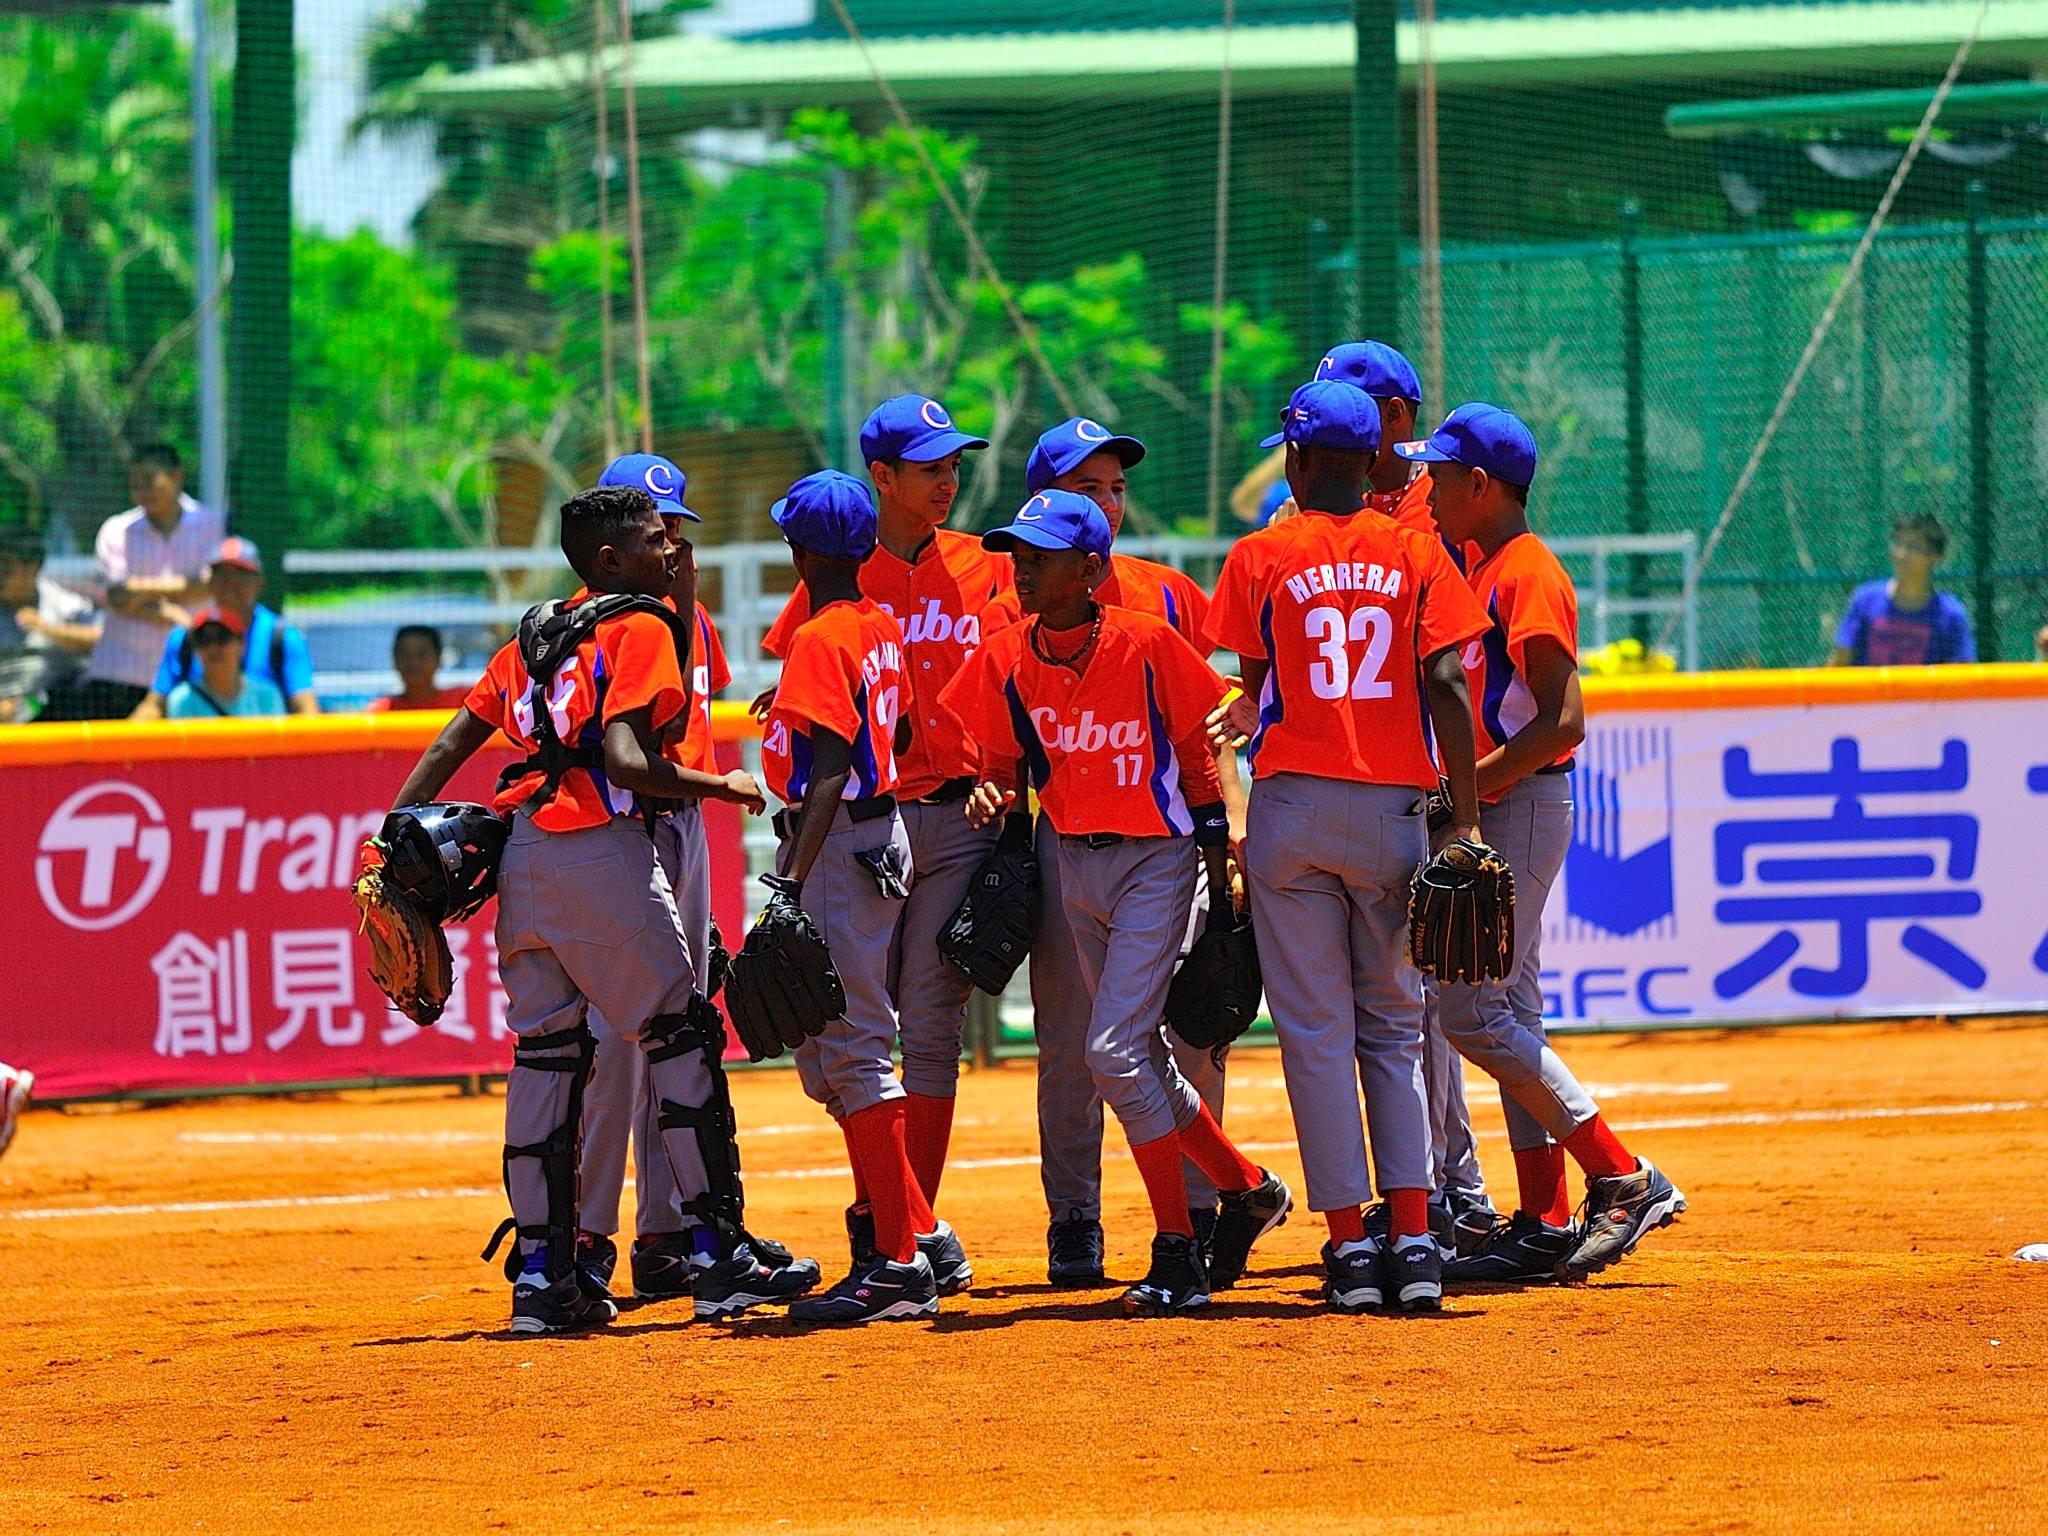 Equipo Cuba, Copa Mundial Sub 12, Taipei de China